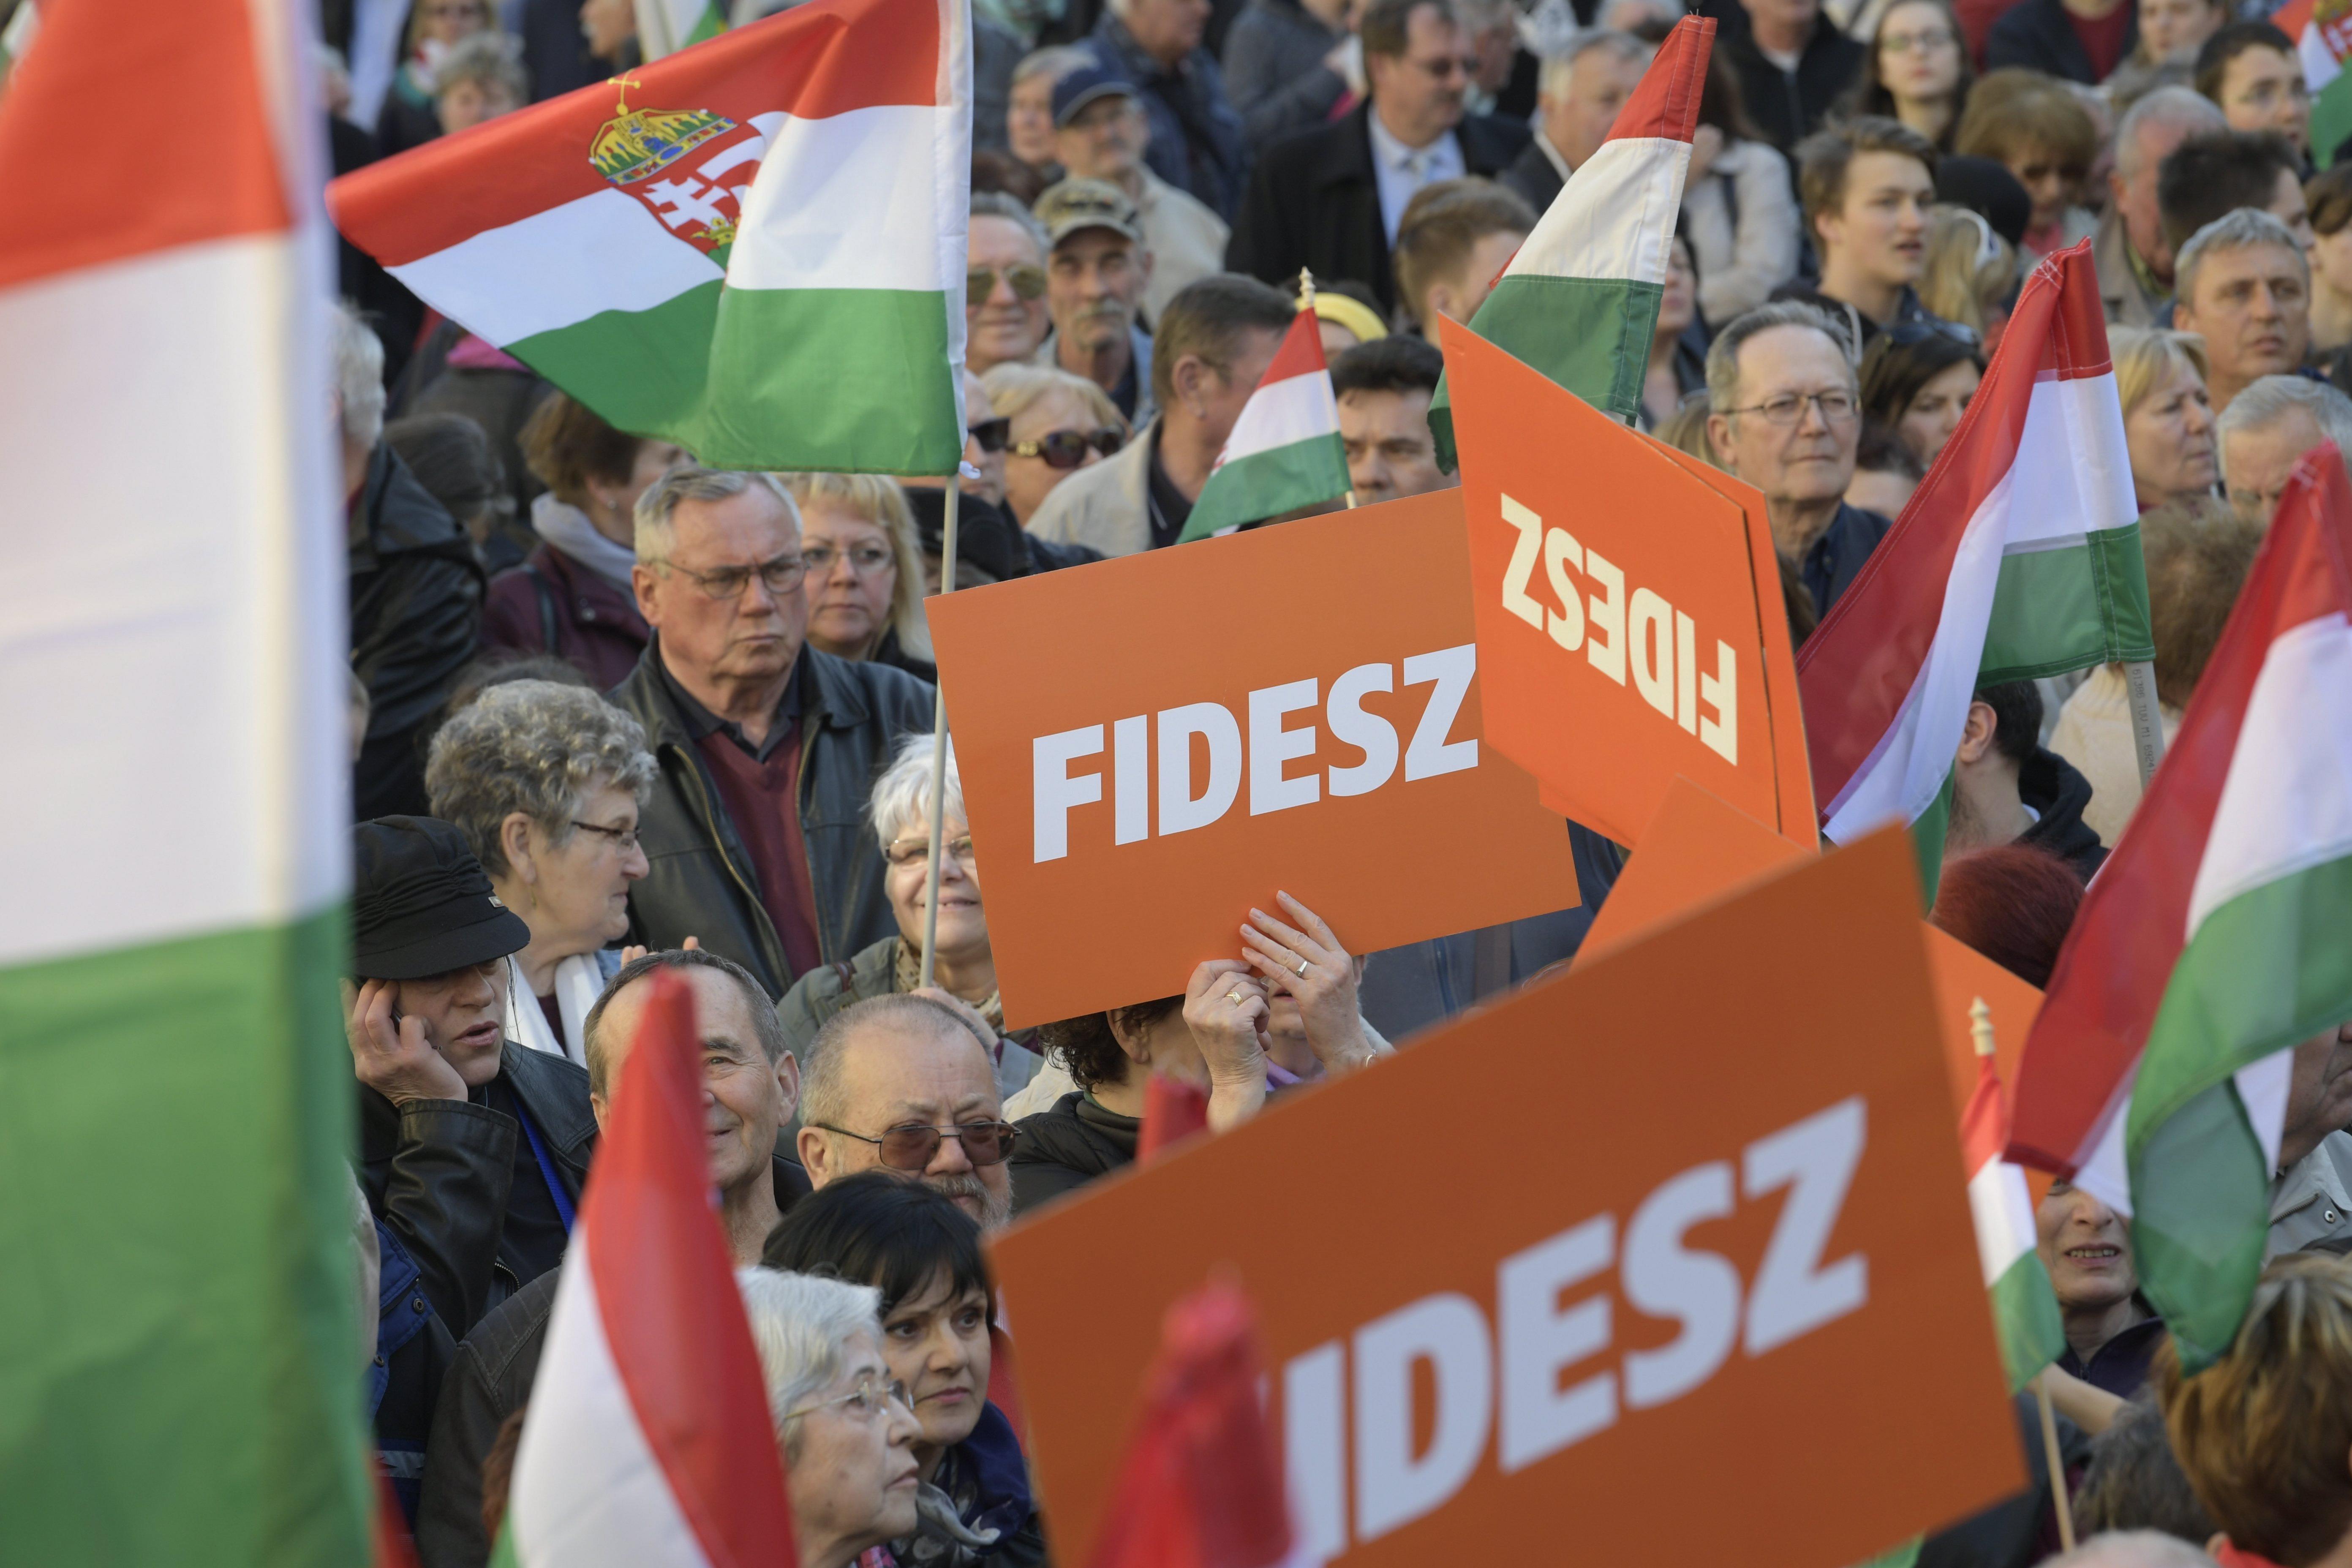 Megbüntették a pákozdi polgármestert, mert az önkormányzat erőforrásaival kampányolt a Fidesznek